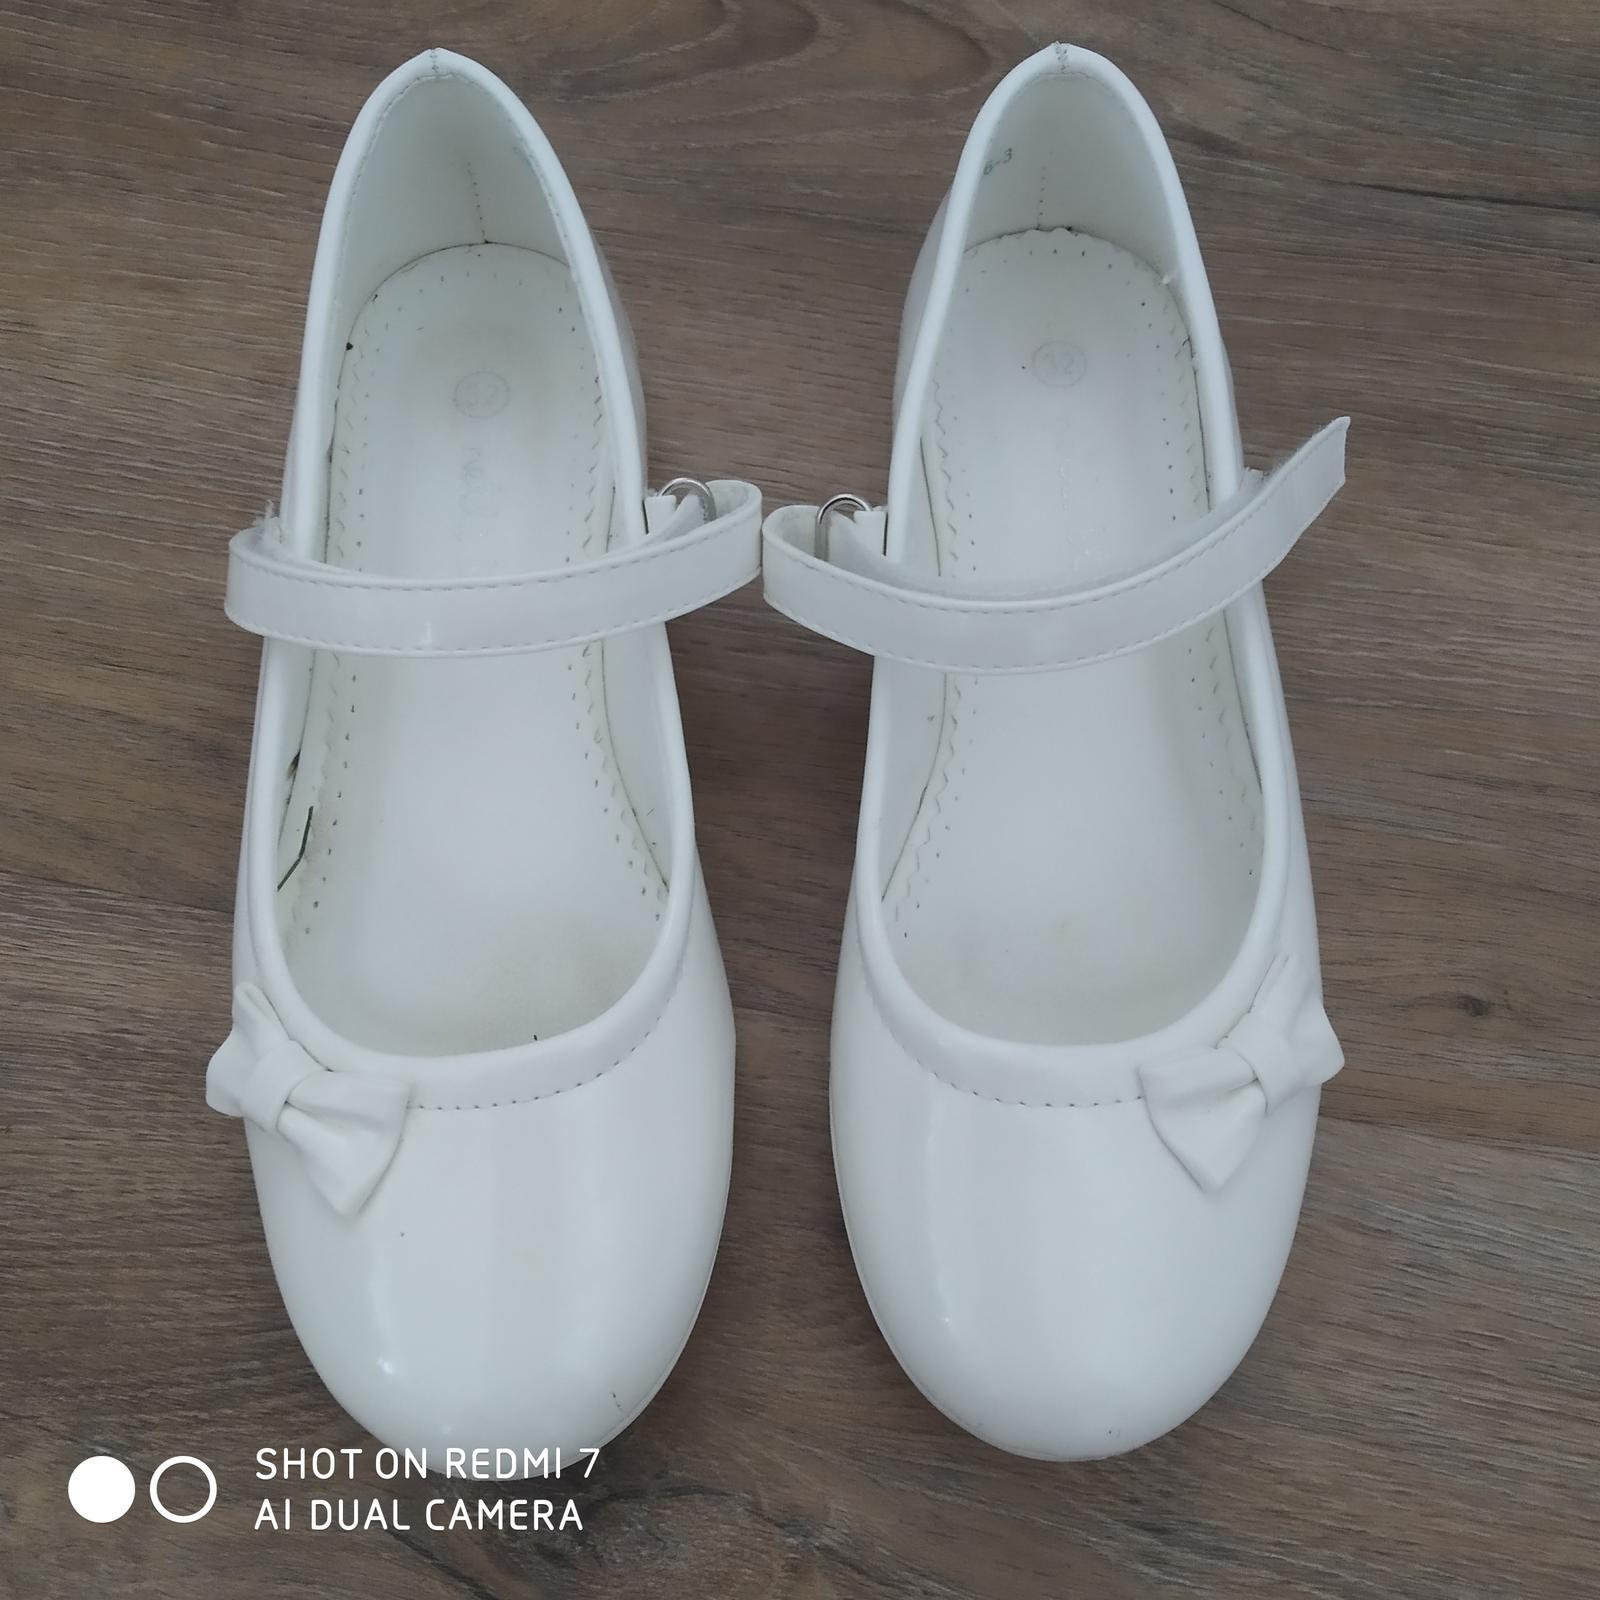 Svatební boty vel 32 - Obrázek č. 1